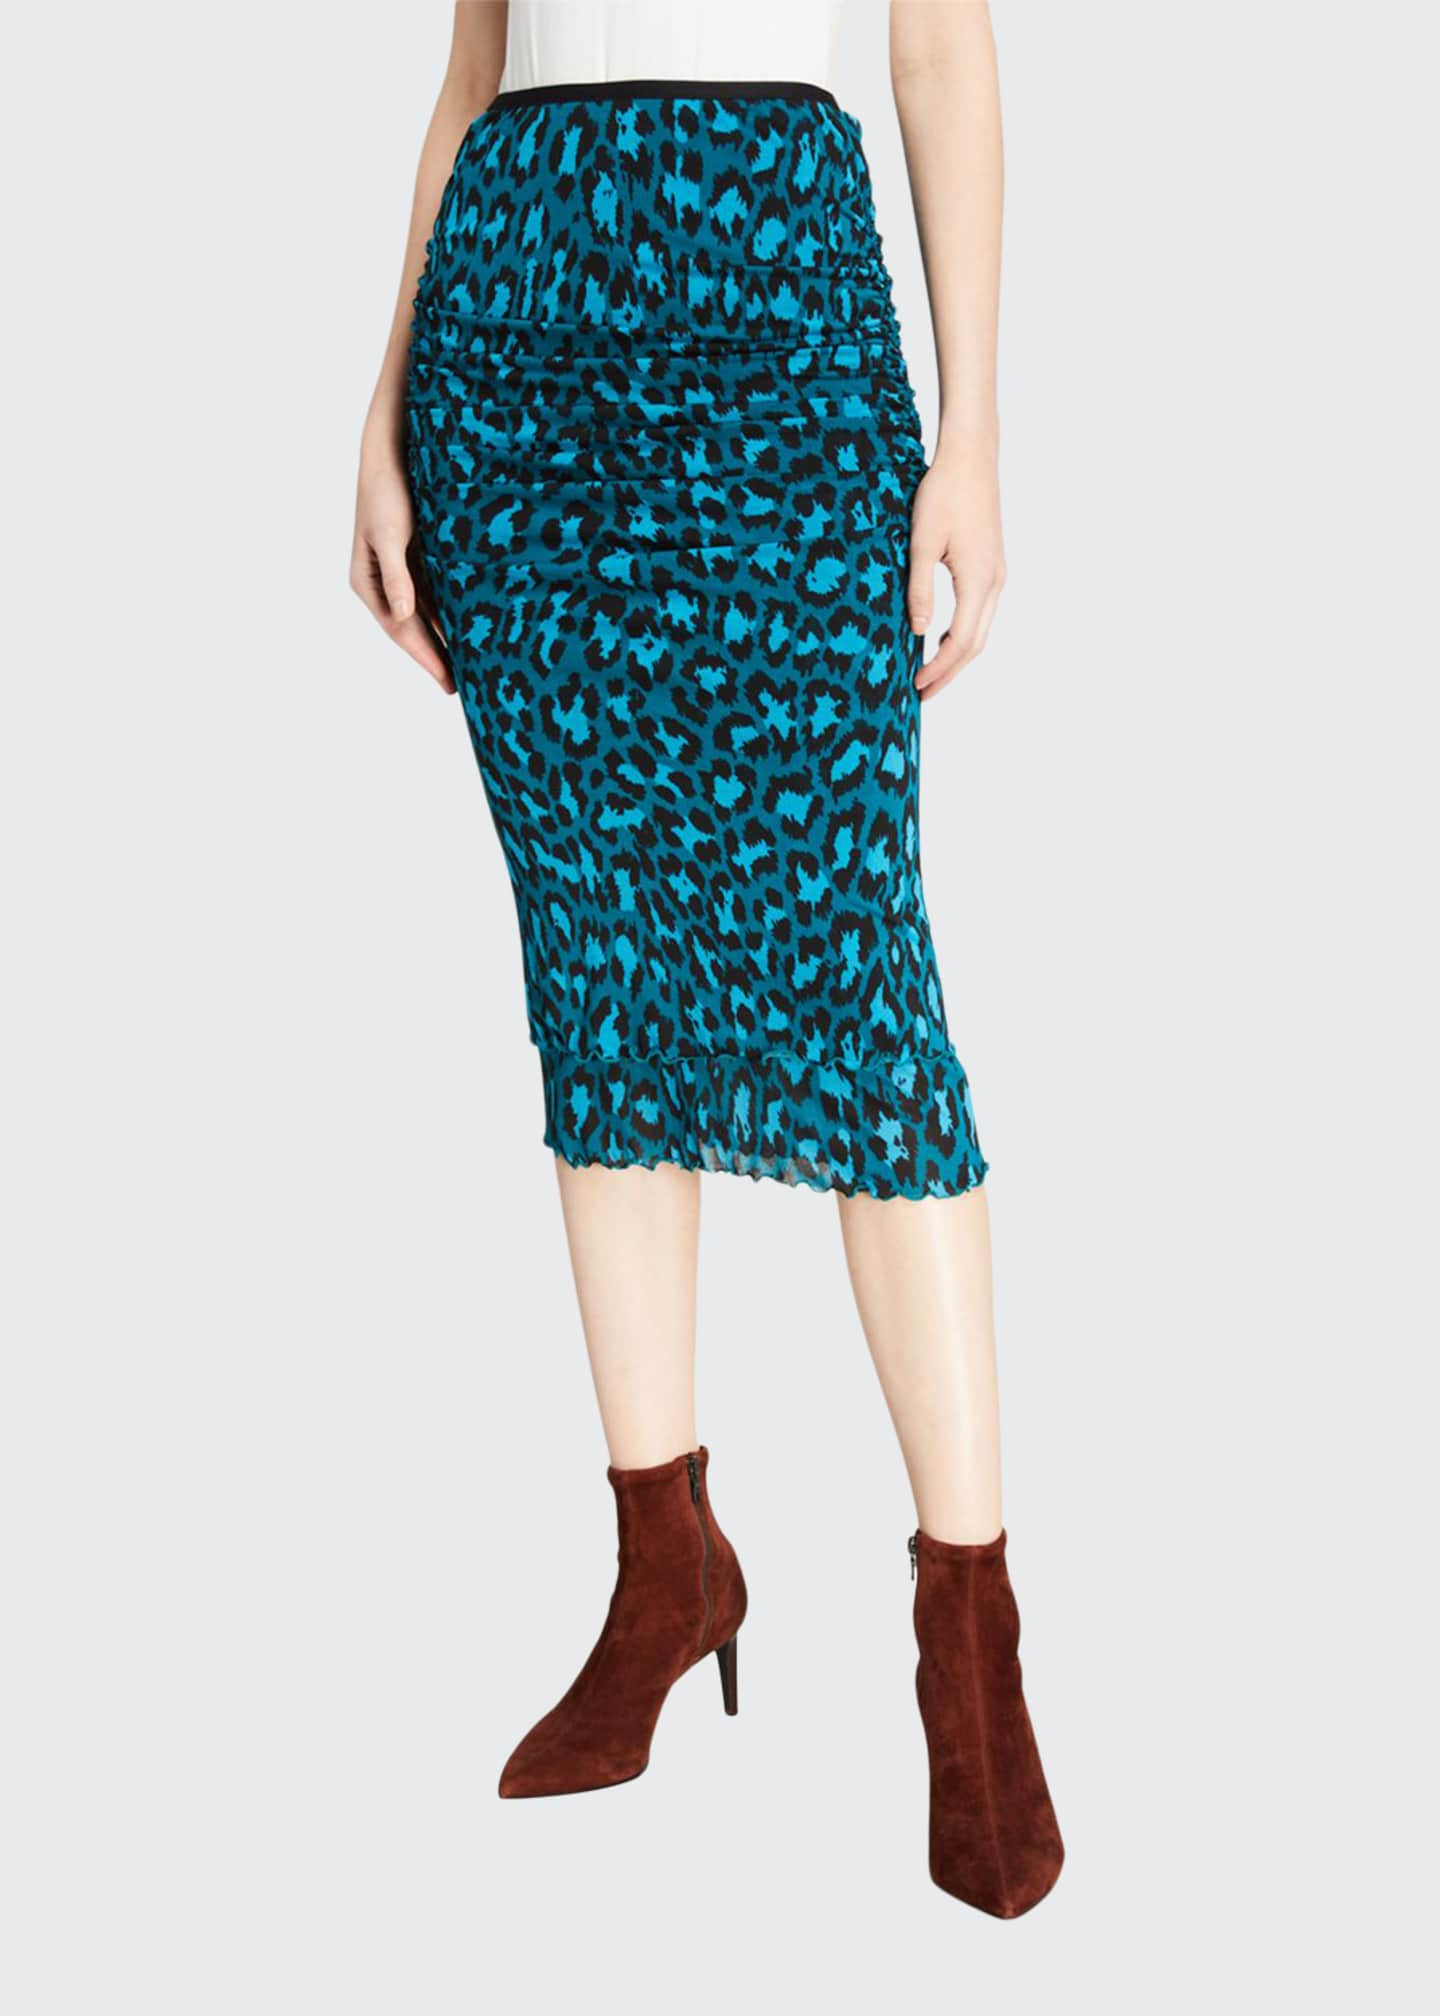 Diane von Furstenberg Elaine Leopard Printed Pencil Skirt